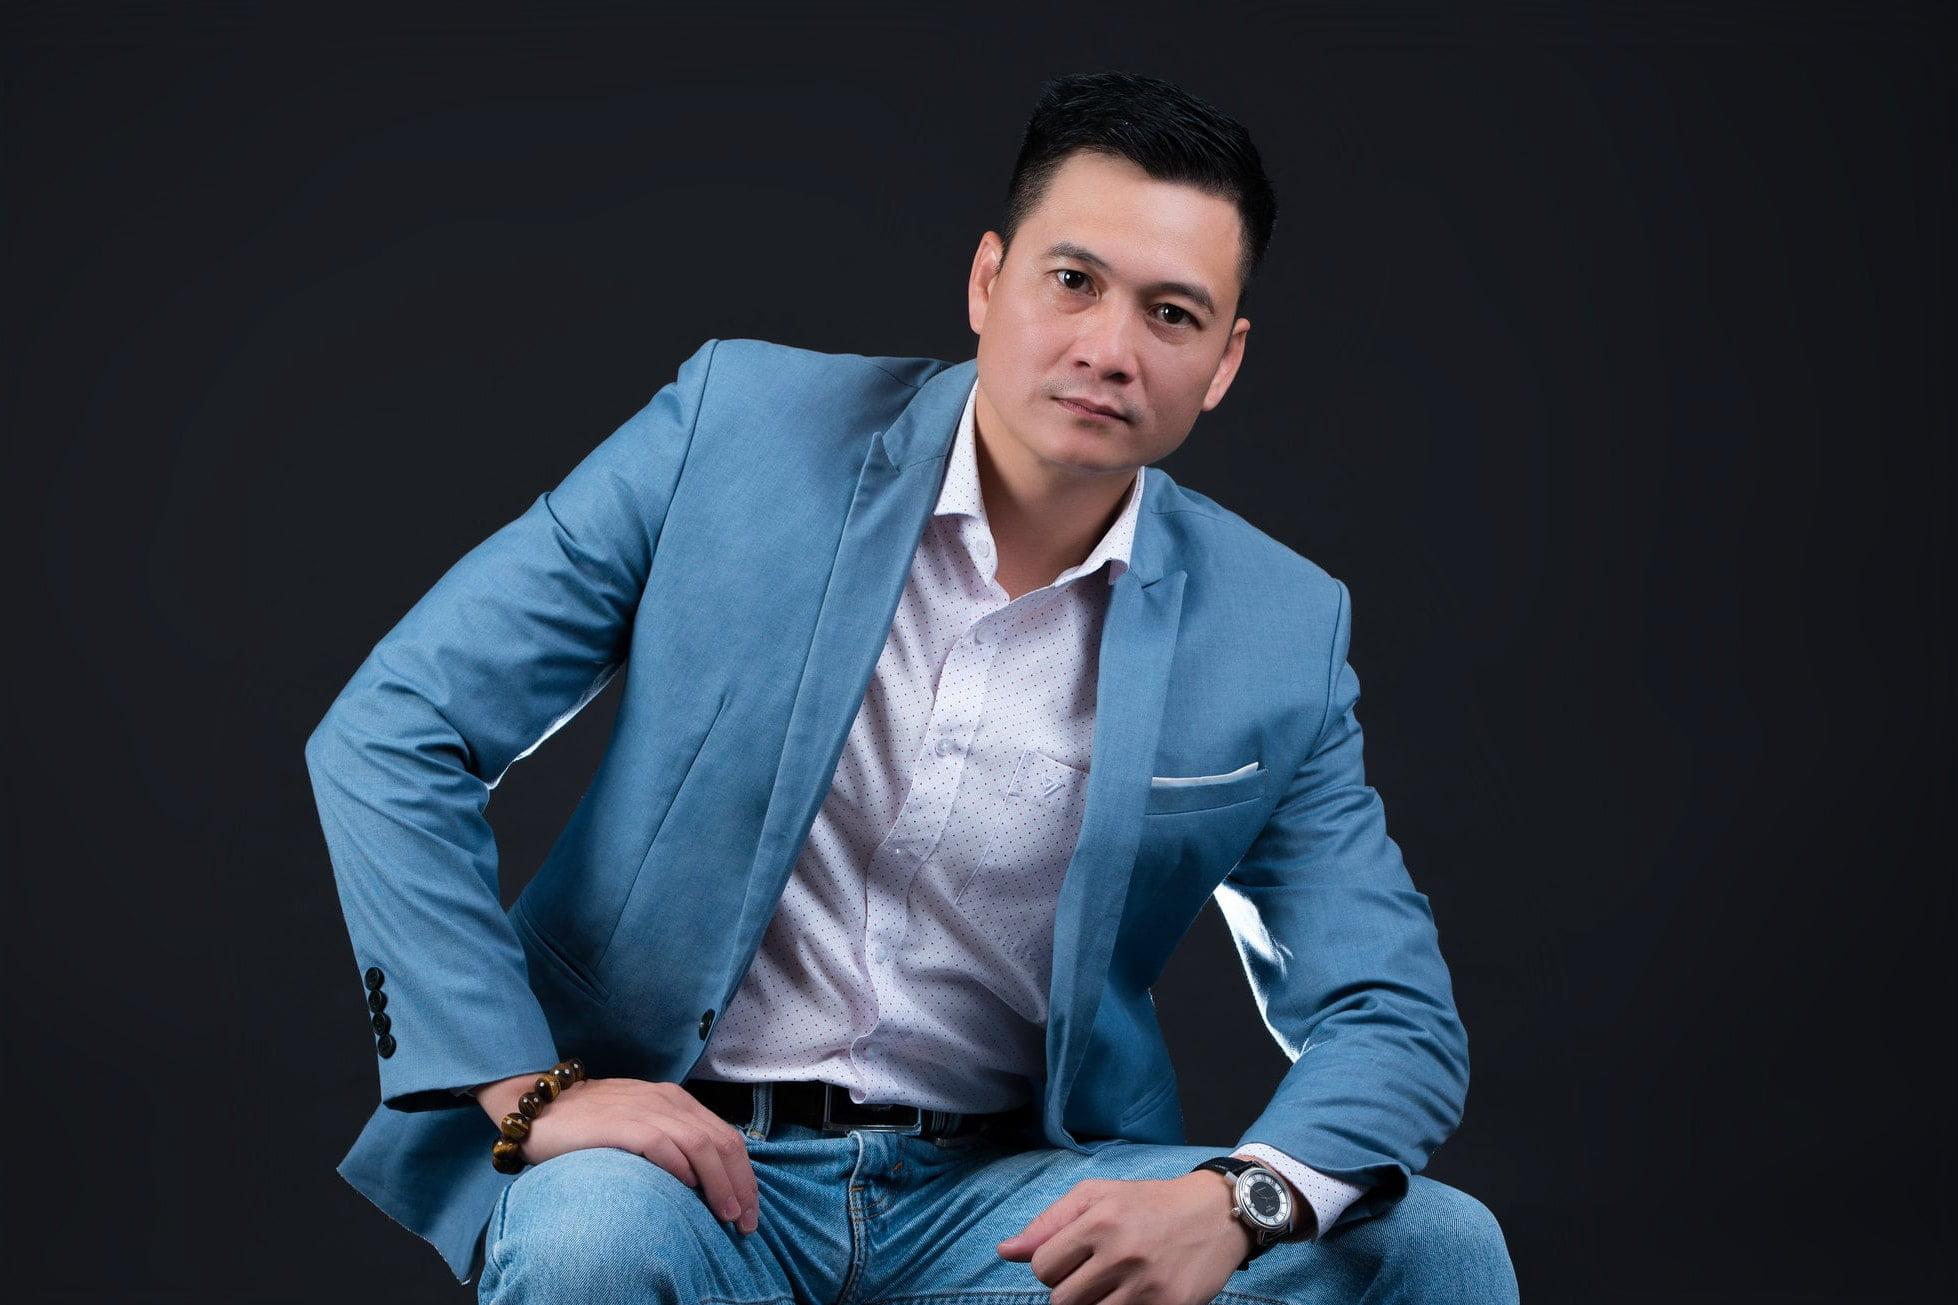 nh nam doanh nhân phong cách chuyên nghiệp - Studio chuyên chụp ảnh chân dung doanh nhân tại Tp.HCM- HThaoStudio